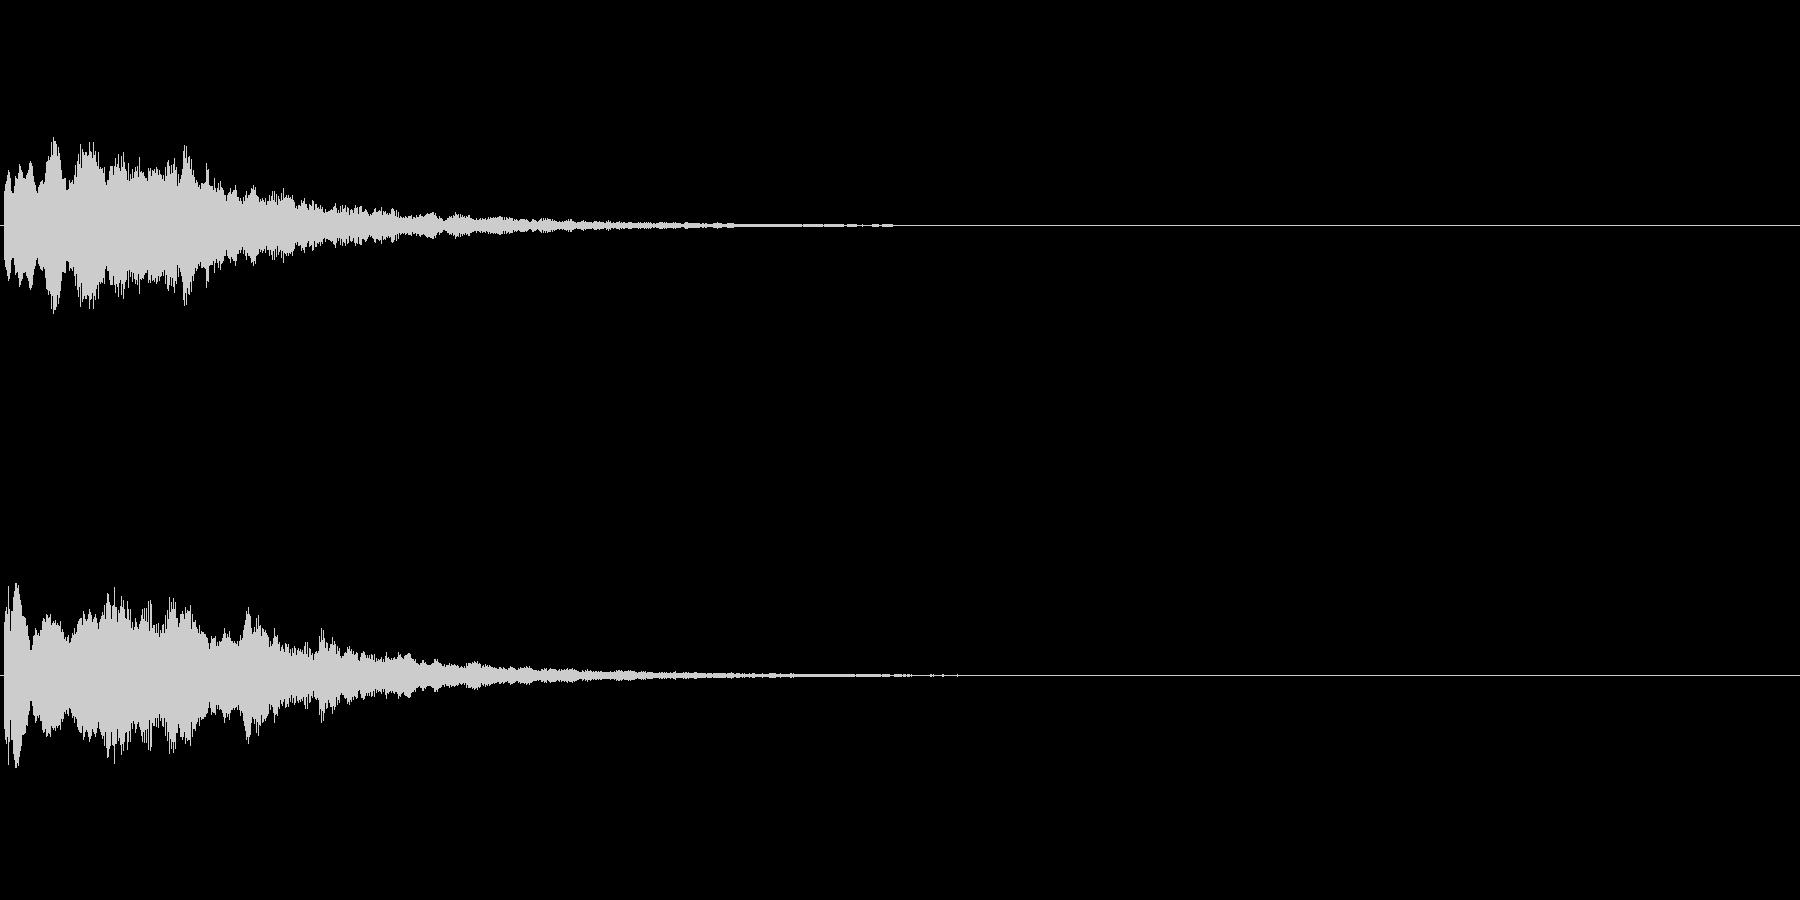 コインやアイテムなどの獲得音.03の未再生の波形